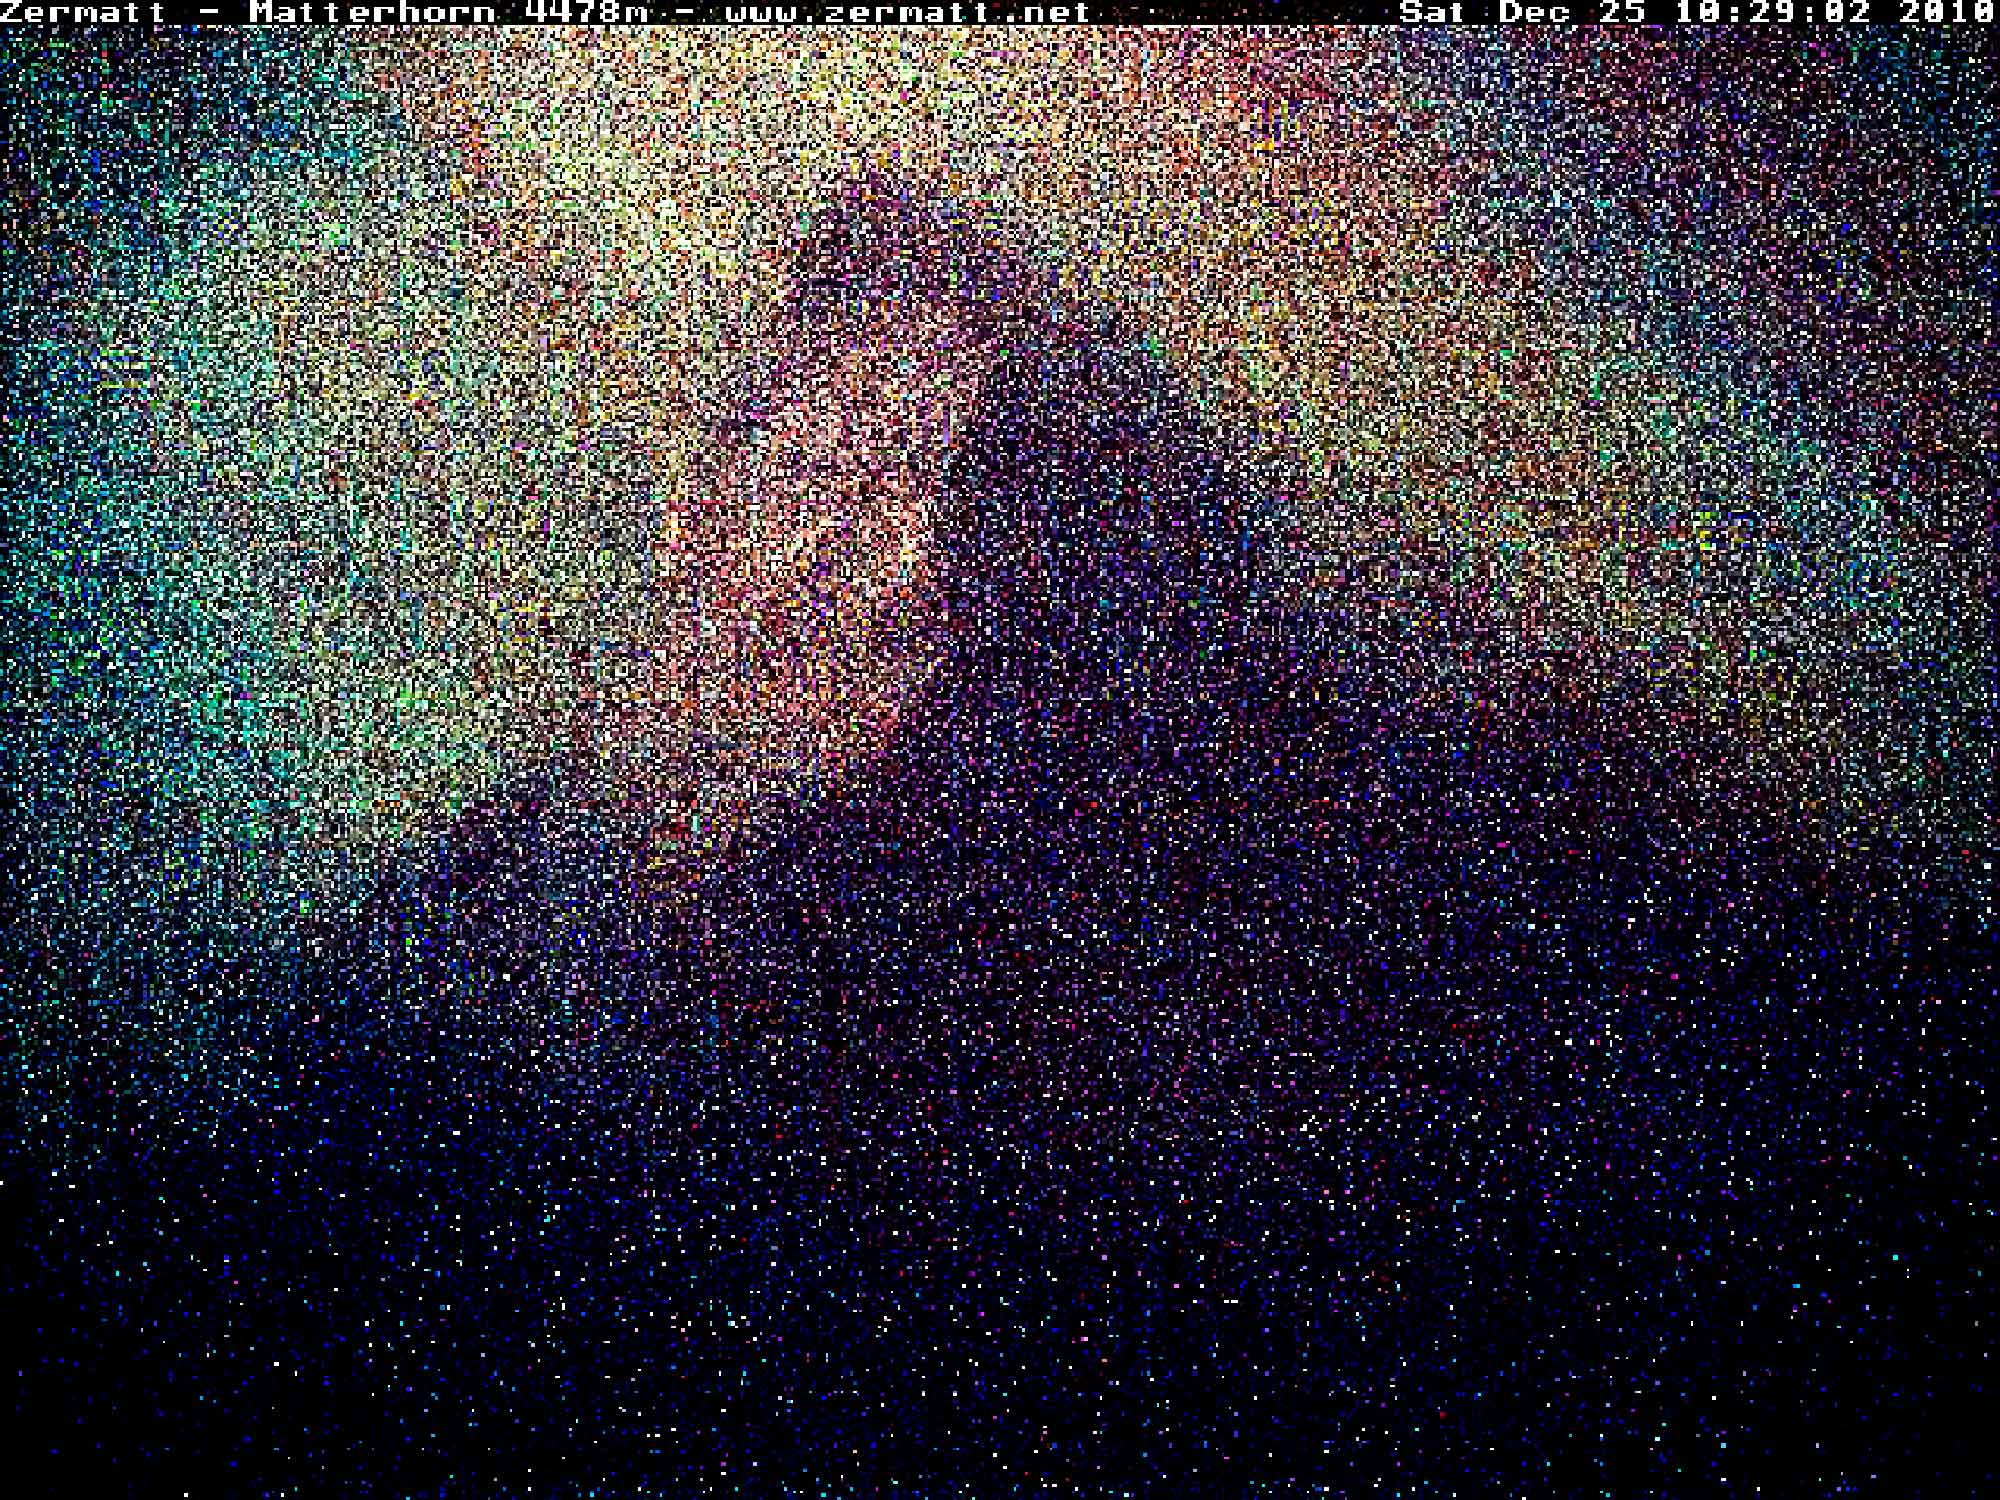 #0408 Matterhorn 2010 12 25